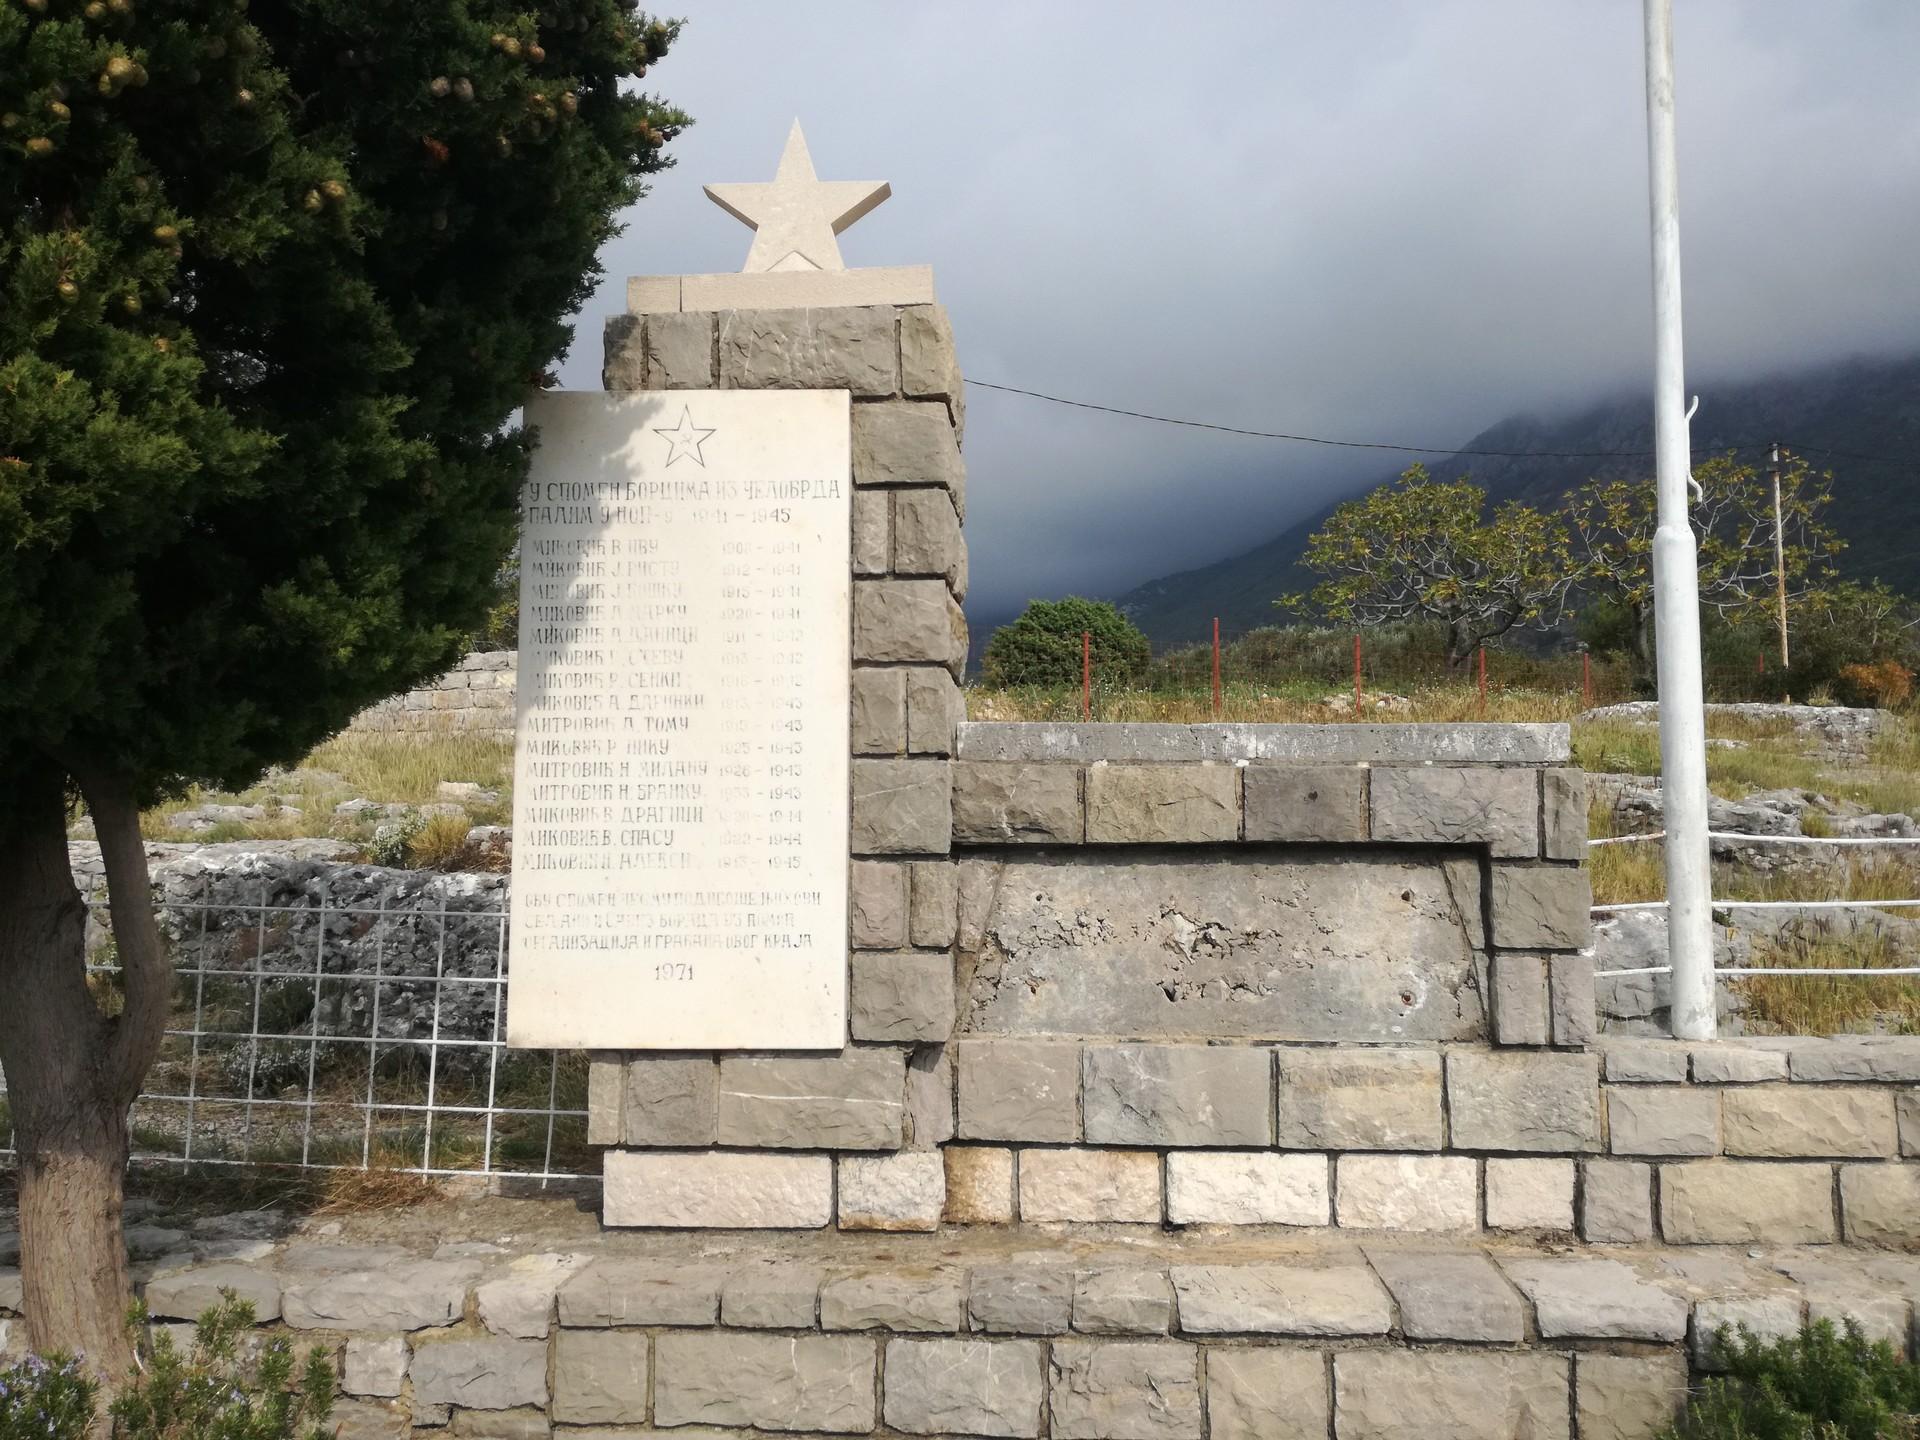 Споменик палим борцима из Другог светског рата